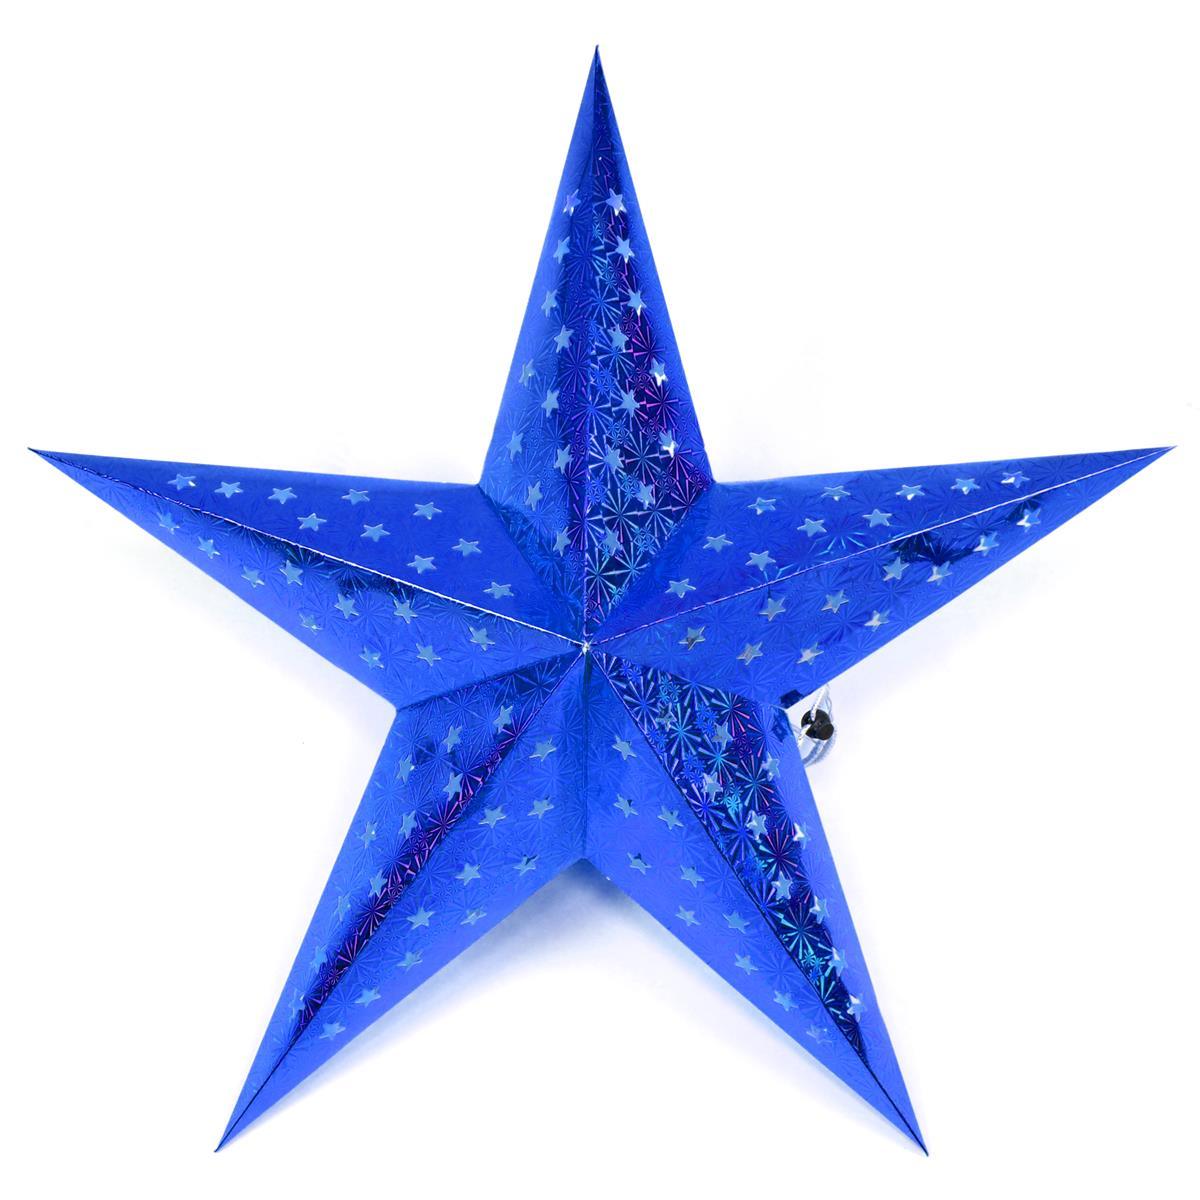 Papierstern 3D 10 LED blau Weihnachtsstern Faltstern Batterie mit Timer 5 Zacken